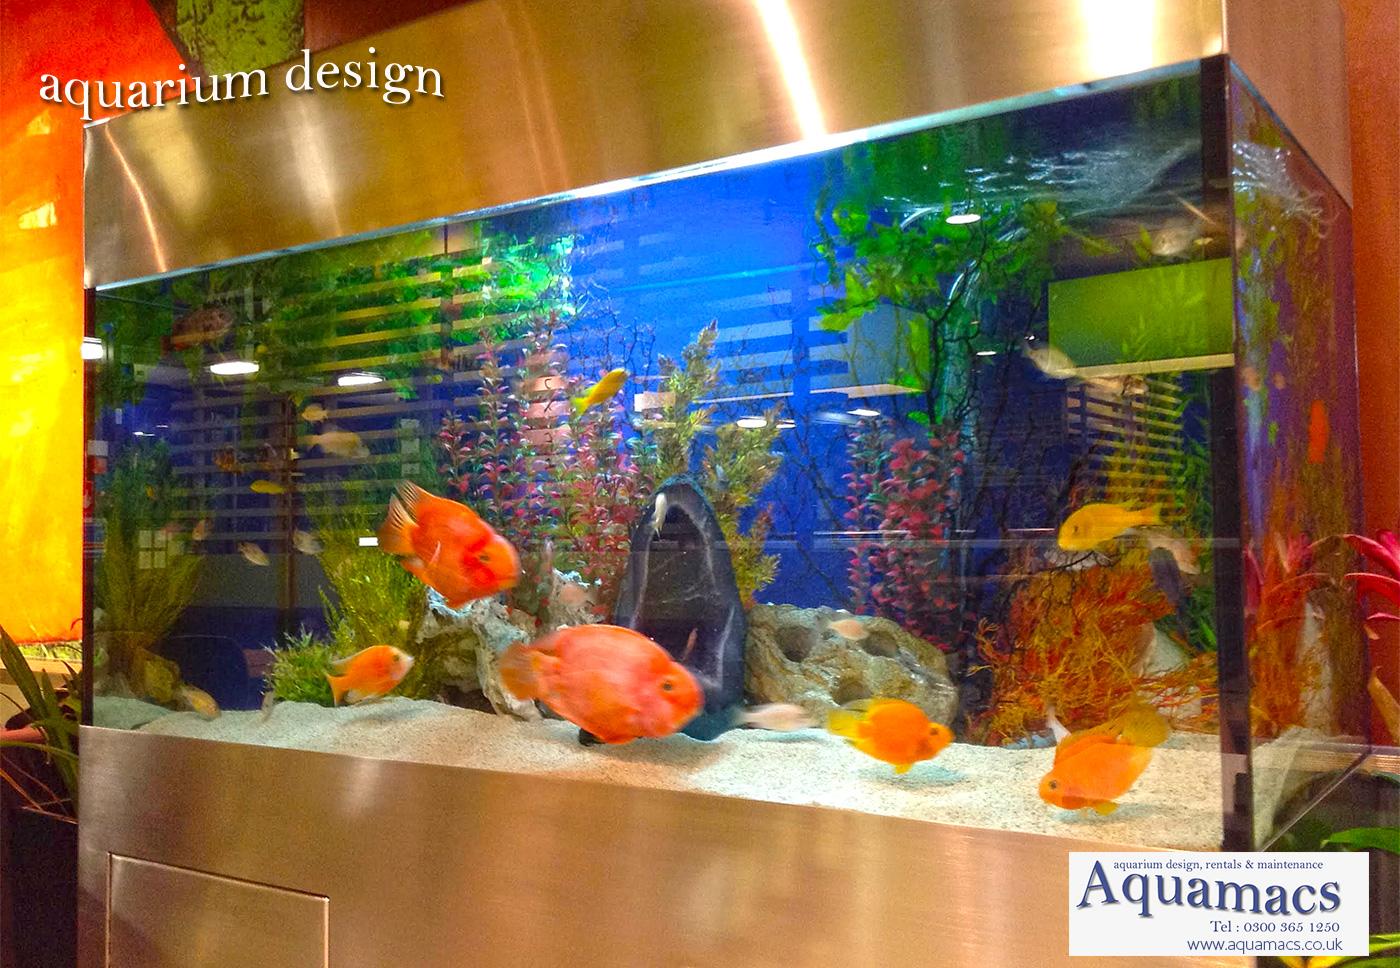 New Stainless Steel Aquarium Installation In London Aquamacs